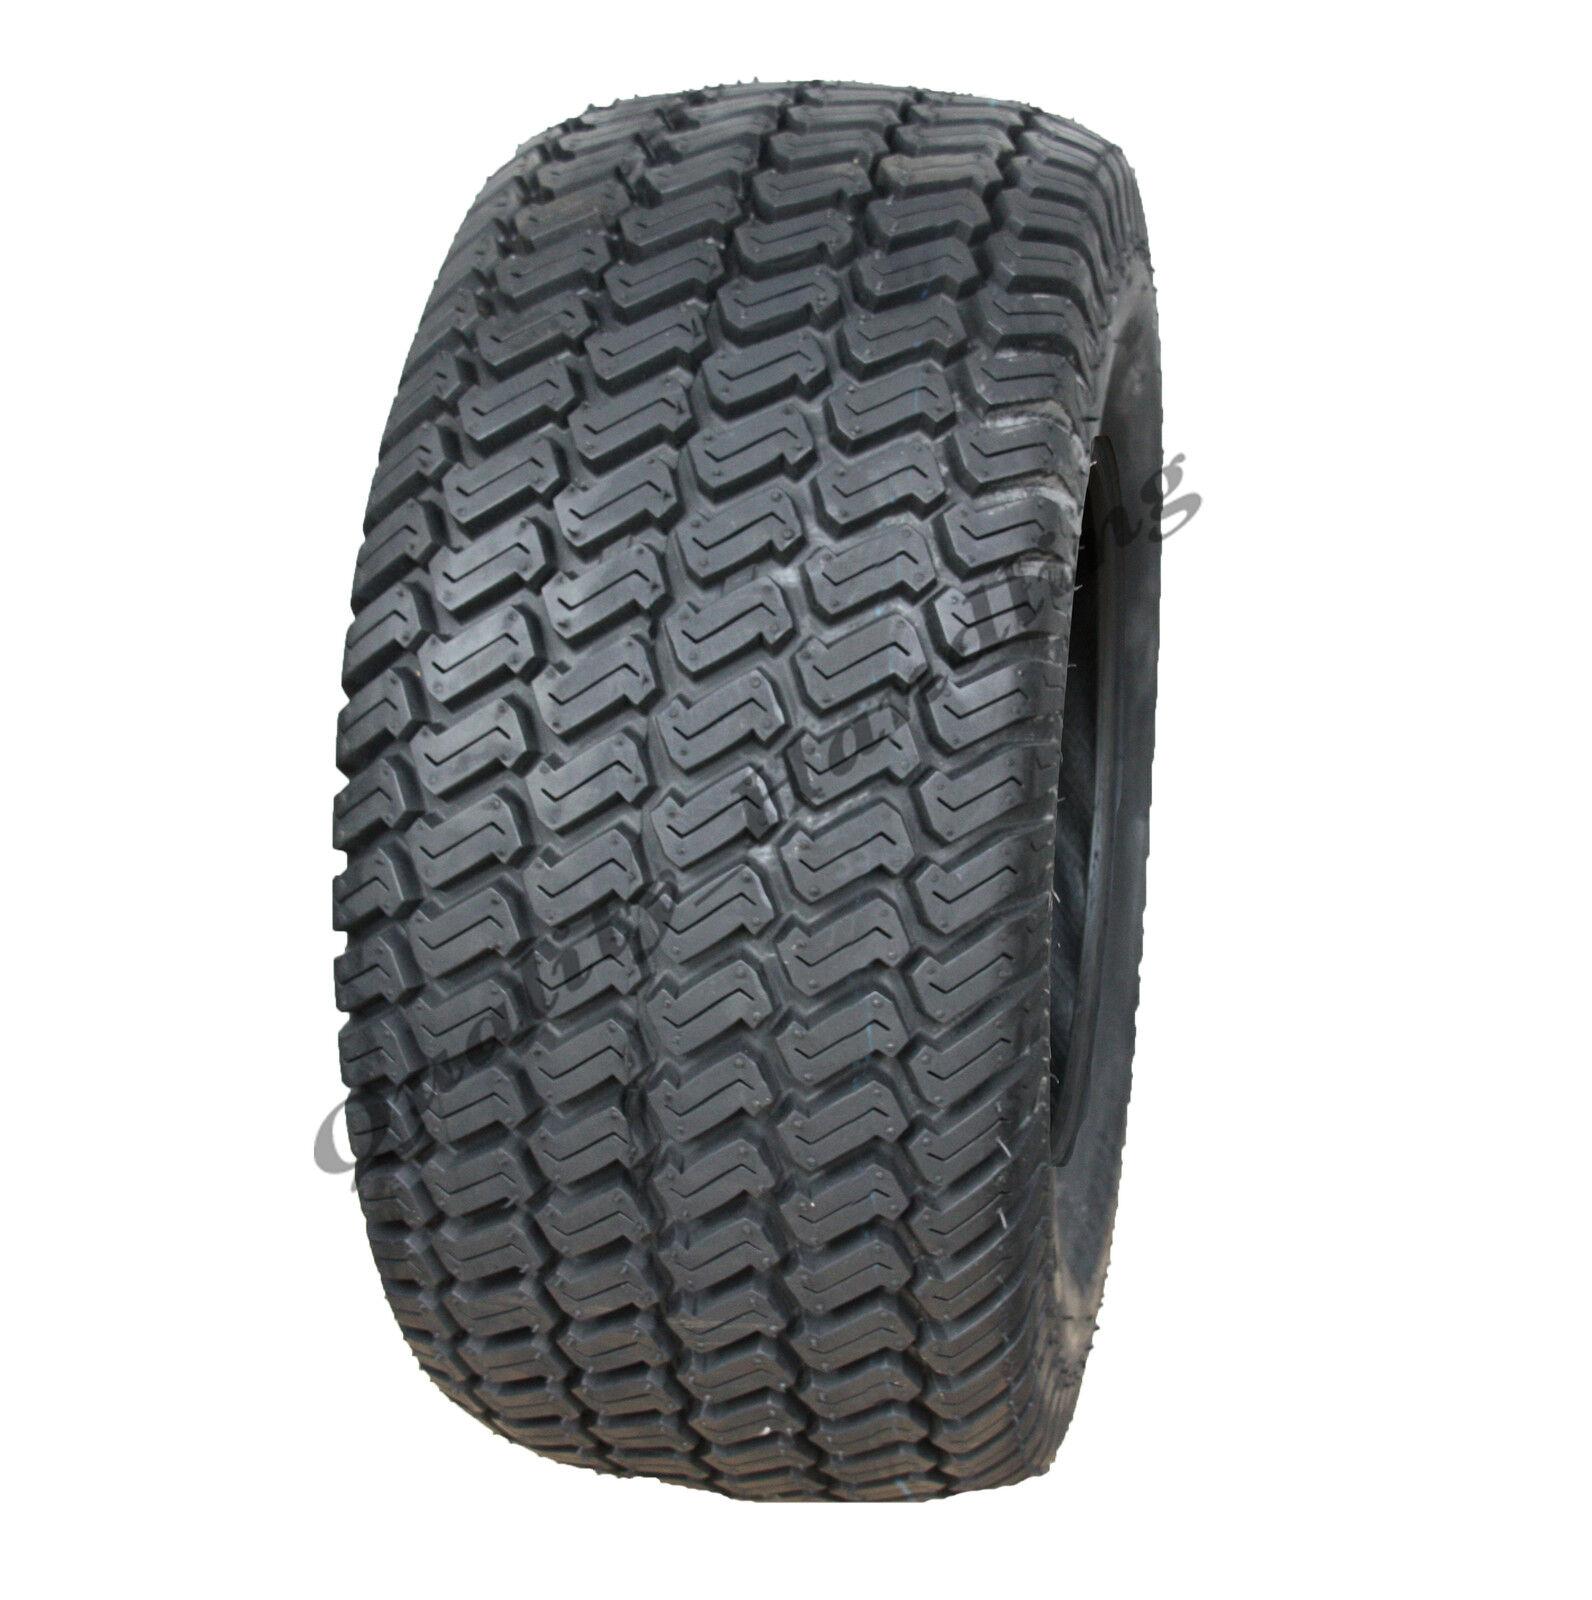 24x12.00-12 Tondeuse - pelouse - gazon pneu 24x1200-12 tracteur pneu